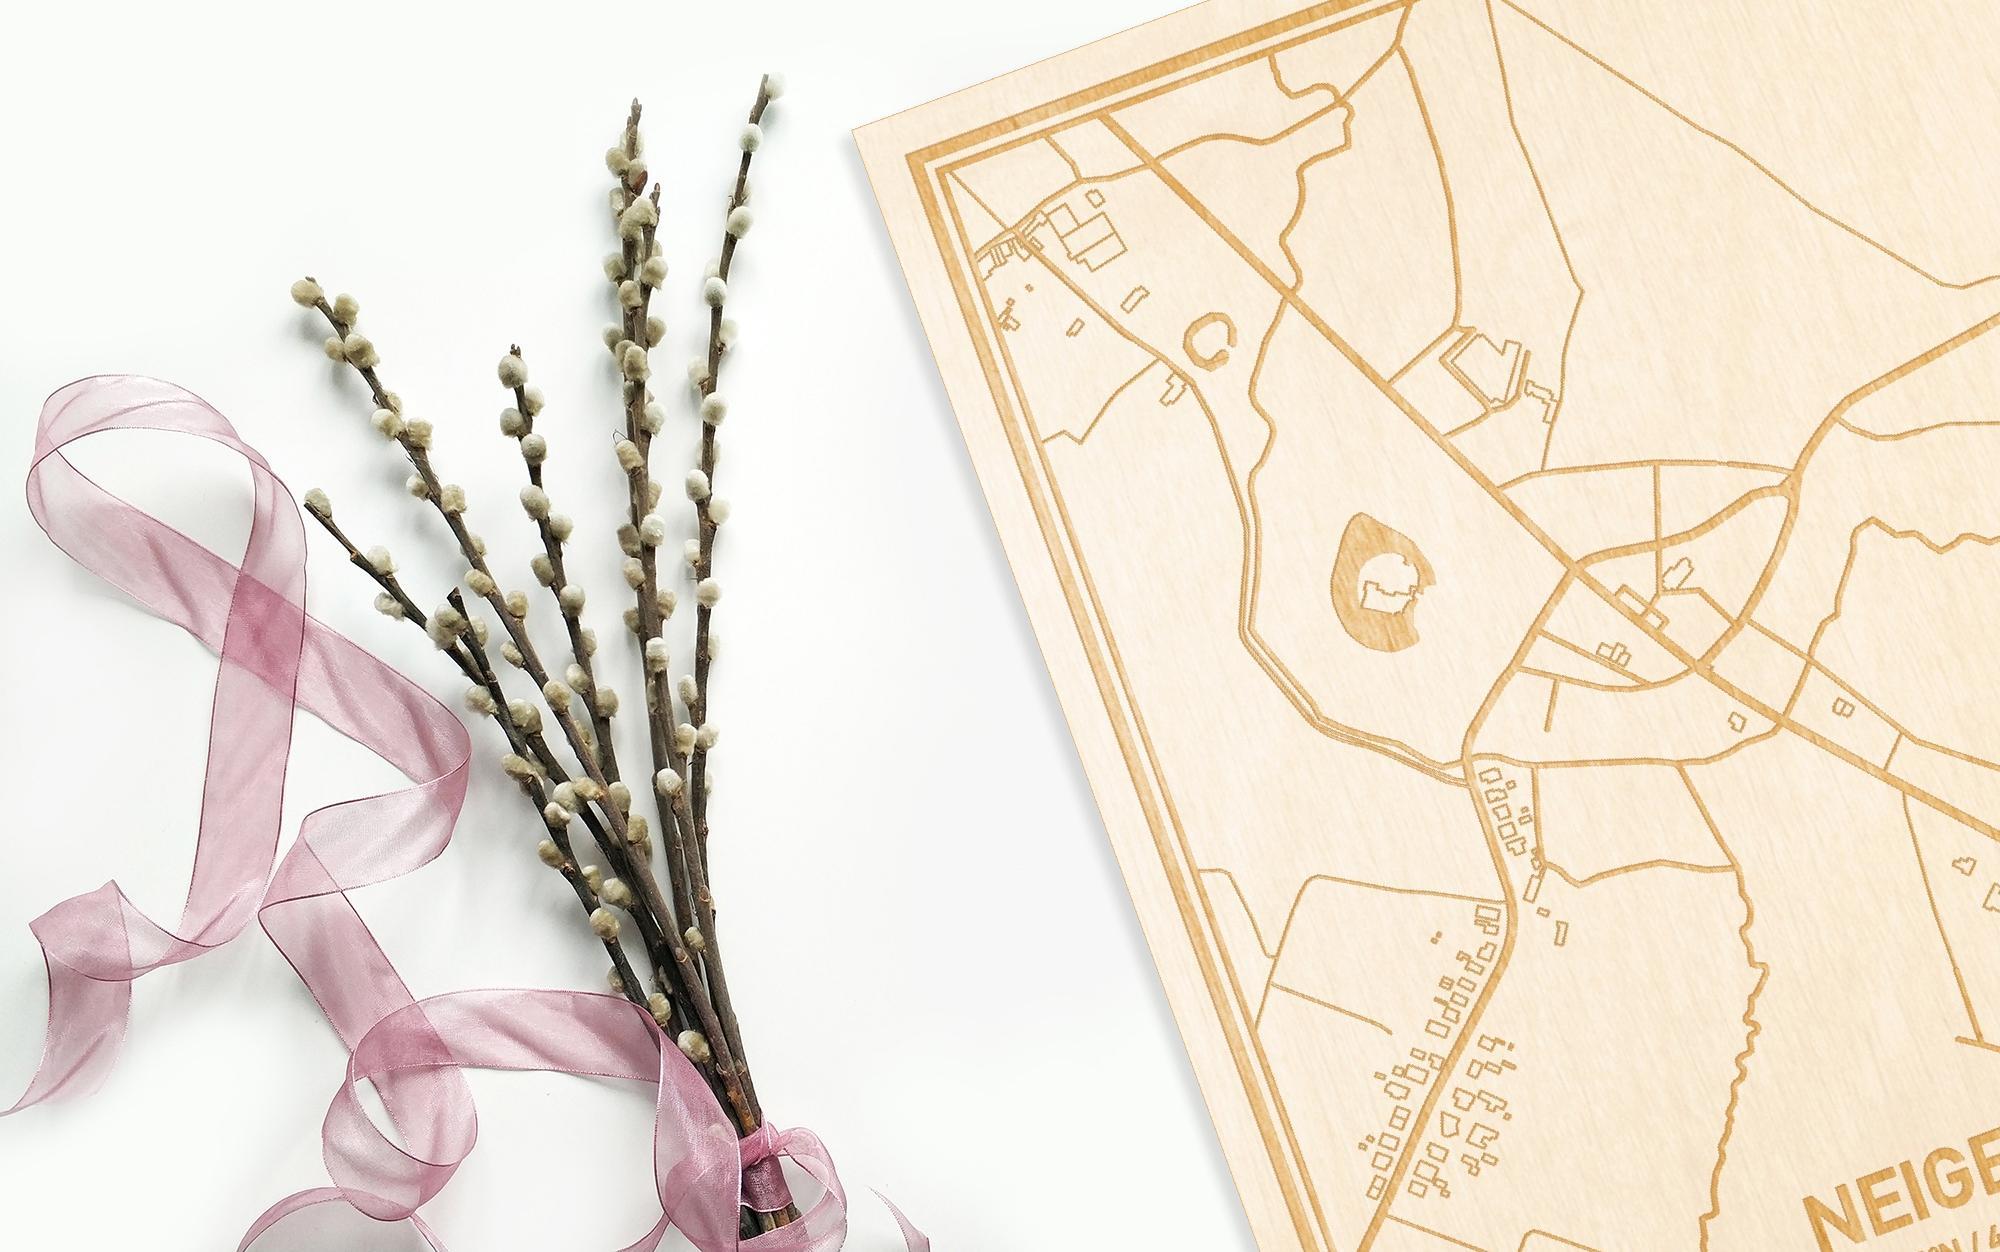 Hier ligt de houten plattegrond Neigem naast een bloemetje als gepersonaliseerd cadeau voor haar.